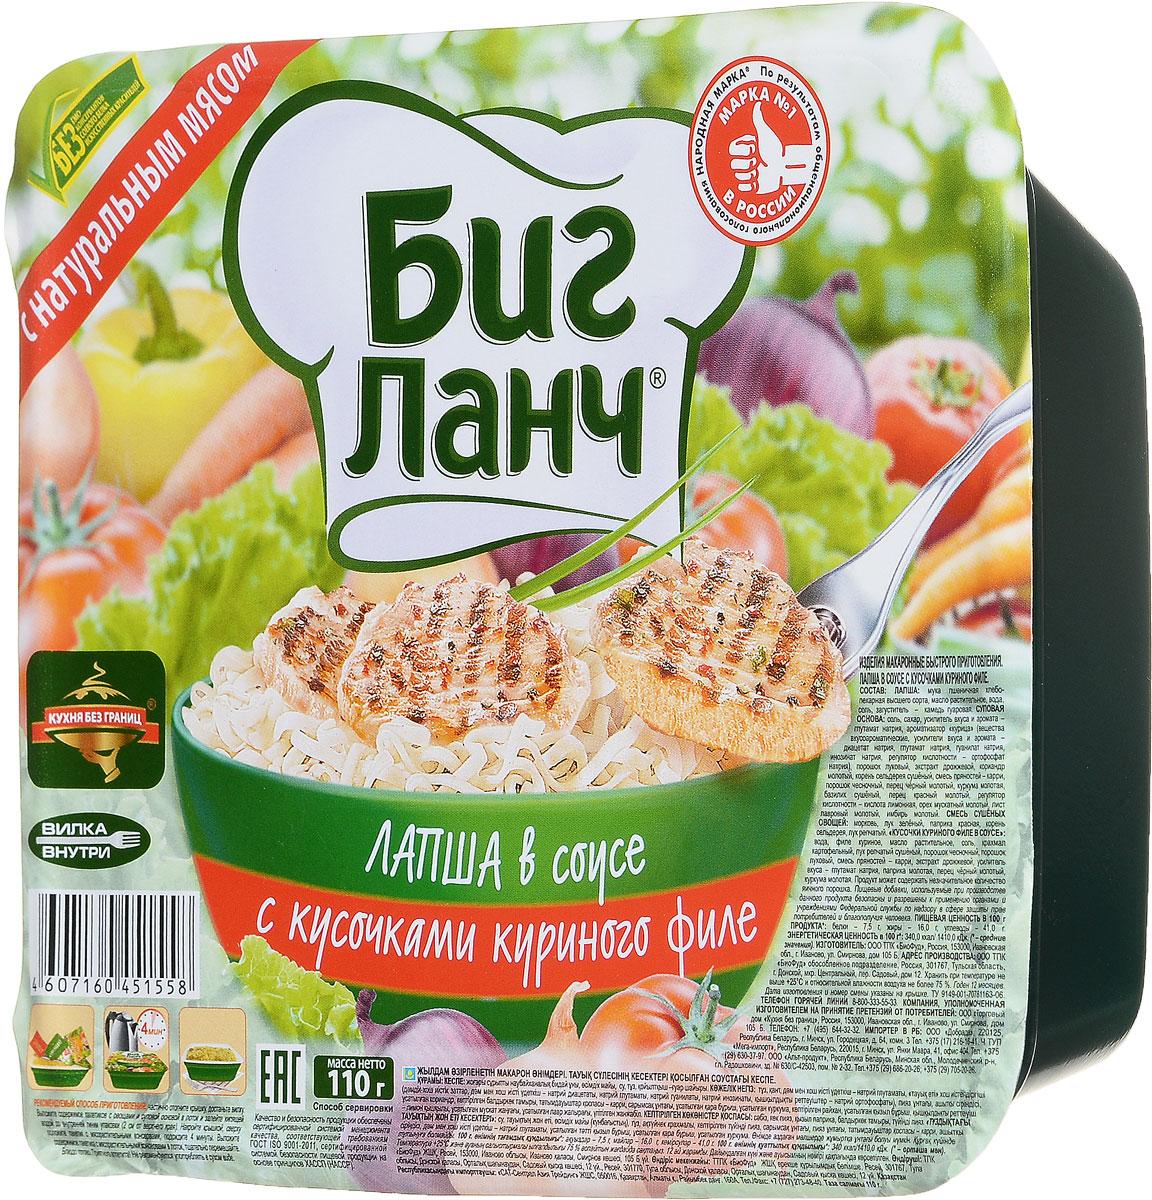 Биг Ланч Лапша быстрого приготовления в соусе с кусочками куриного филе, 110 г24Лапша быстрого приготовления Биг Ланч в соусе с кусочками куриного филе.Способ приготовления:Частично откройте крышку, достаньте вилку. Выложите содержимое пакетиков с овощами и суповой основой в лоток и залейте кипящей водой до внутренней линии (2 см от верхнего края). Накройте крышкой, сверху положите пакетик с мясорастительными консервами, подождите 4 минуты. Выложите содержимое пакетика с мясорастительными консервами в лоток, тщательно перемешайте. Блюдо готово.Приятного аппетита!